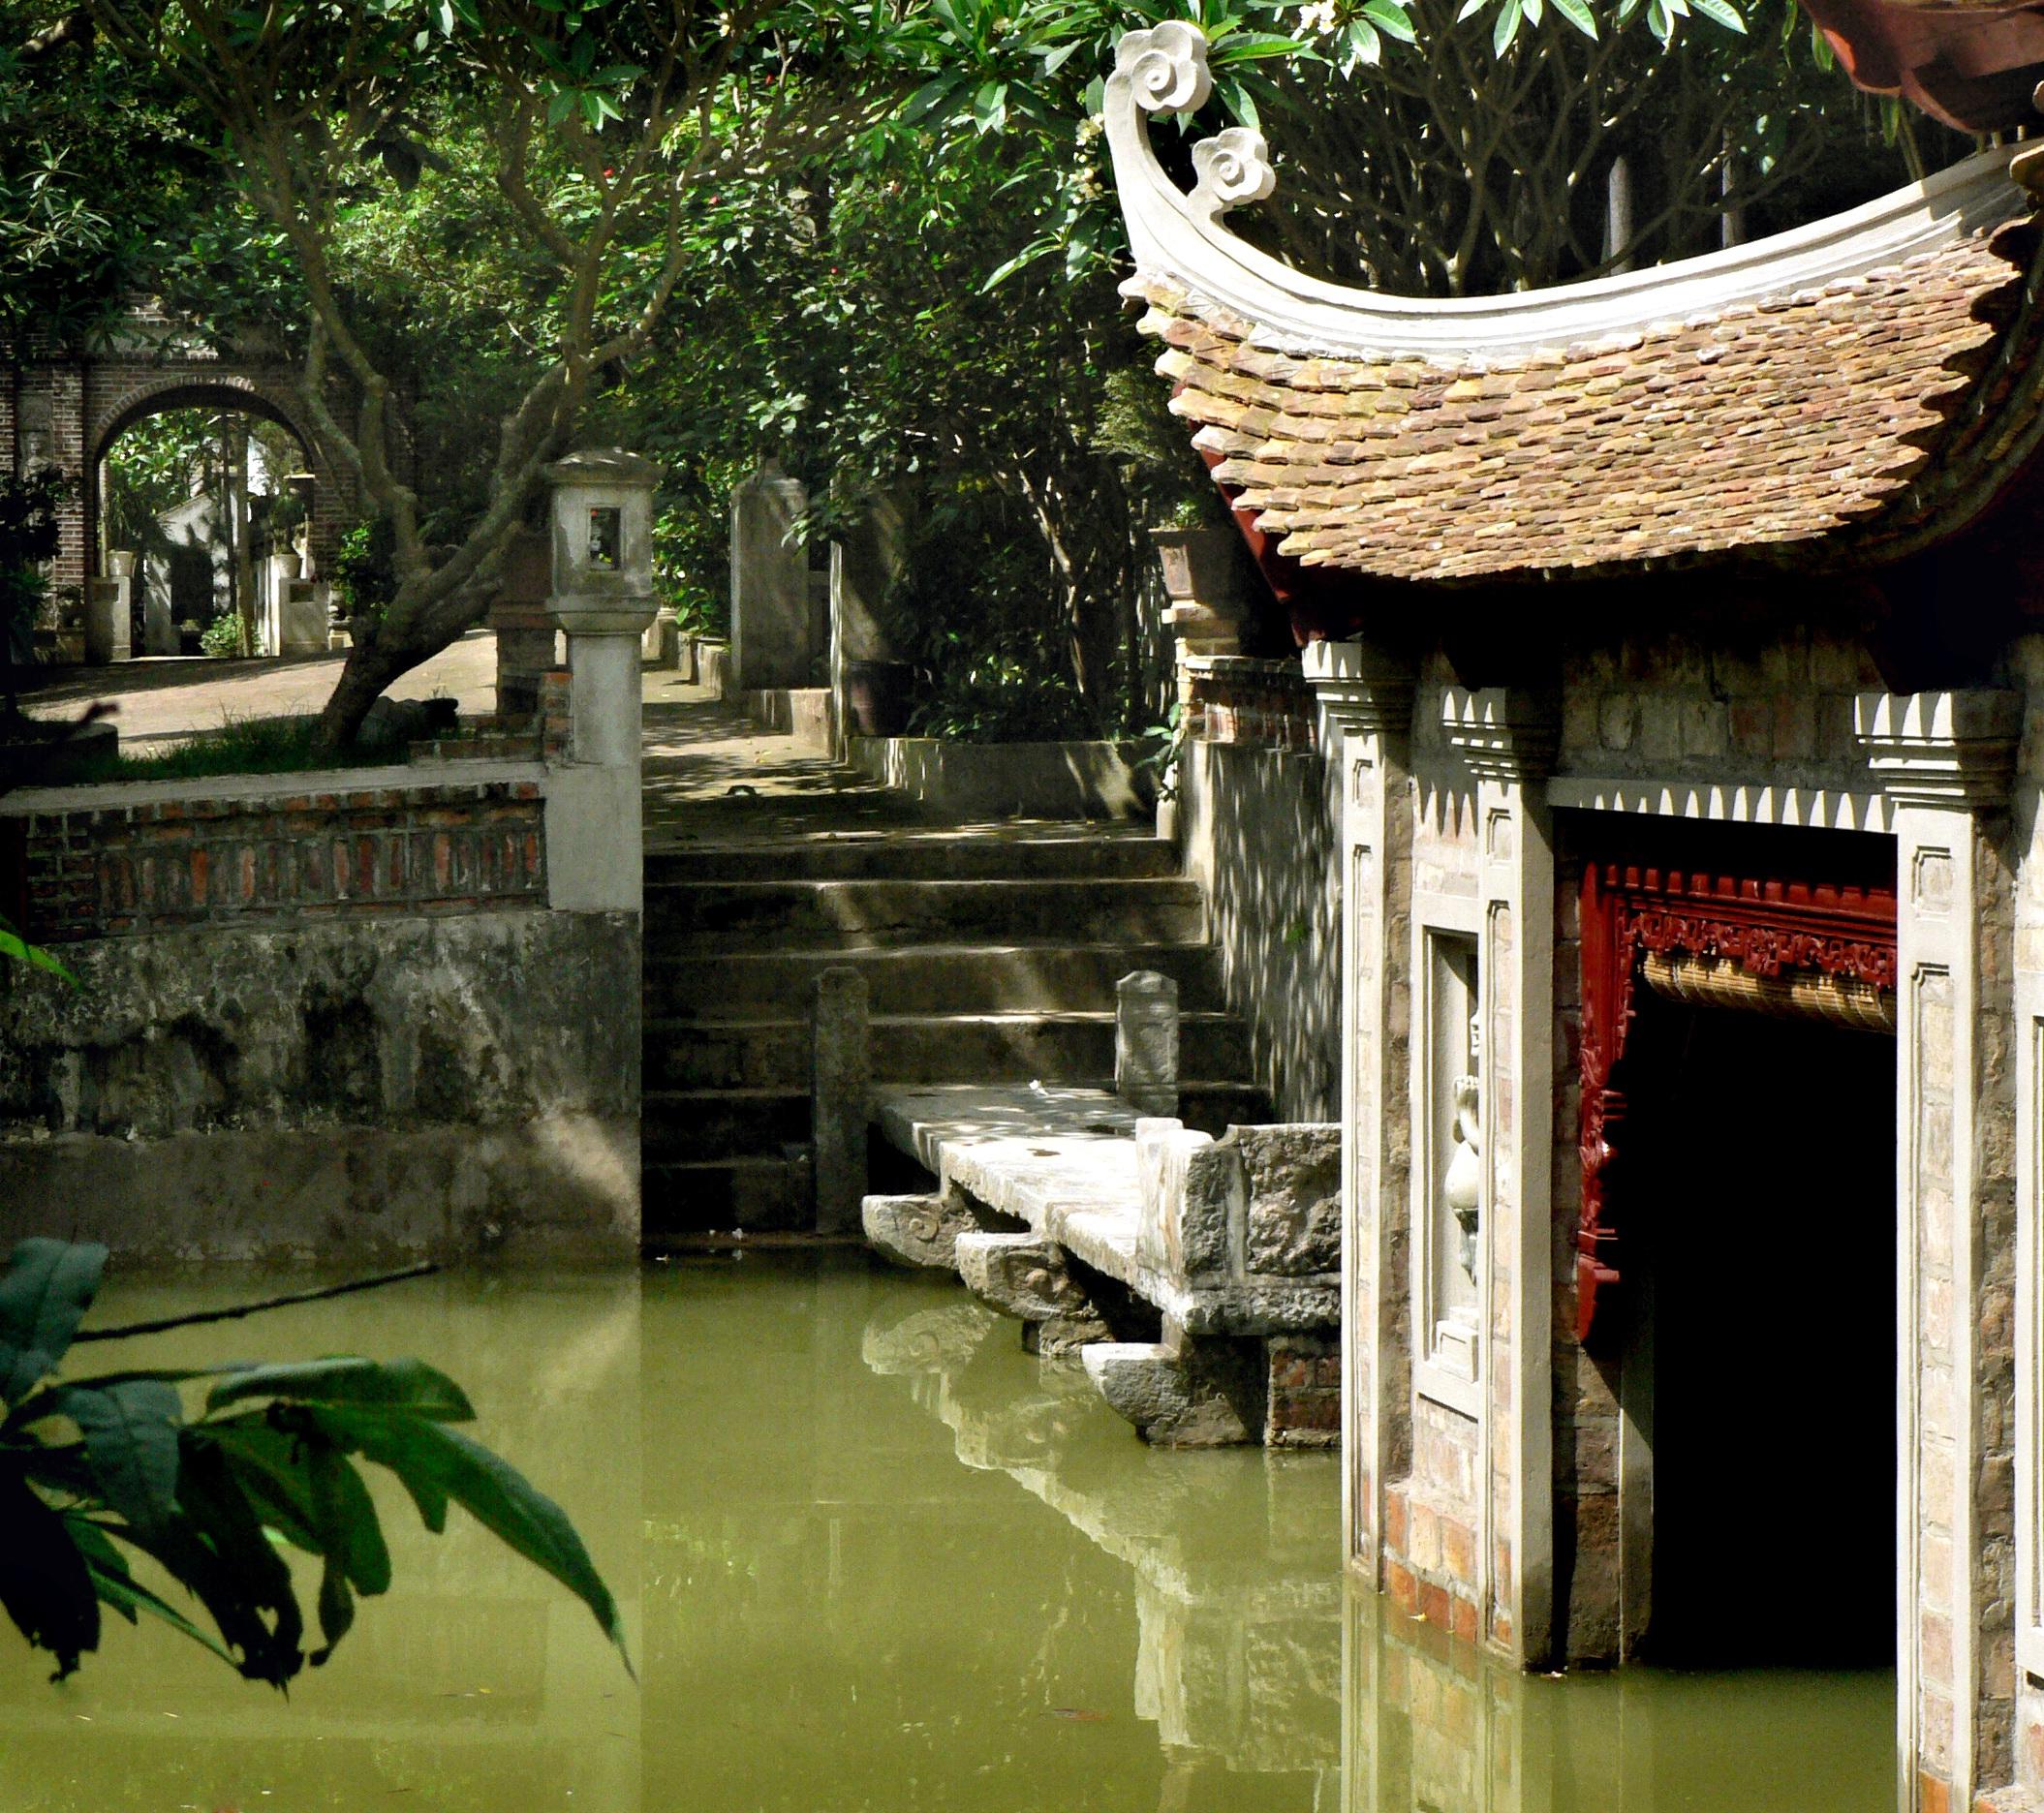 Trong khuôn viên rộng 8000m2 không chỉ có những mái nhà thuần Việt mà còn có cả thủy đình biểu diễn rối nước.